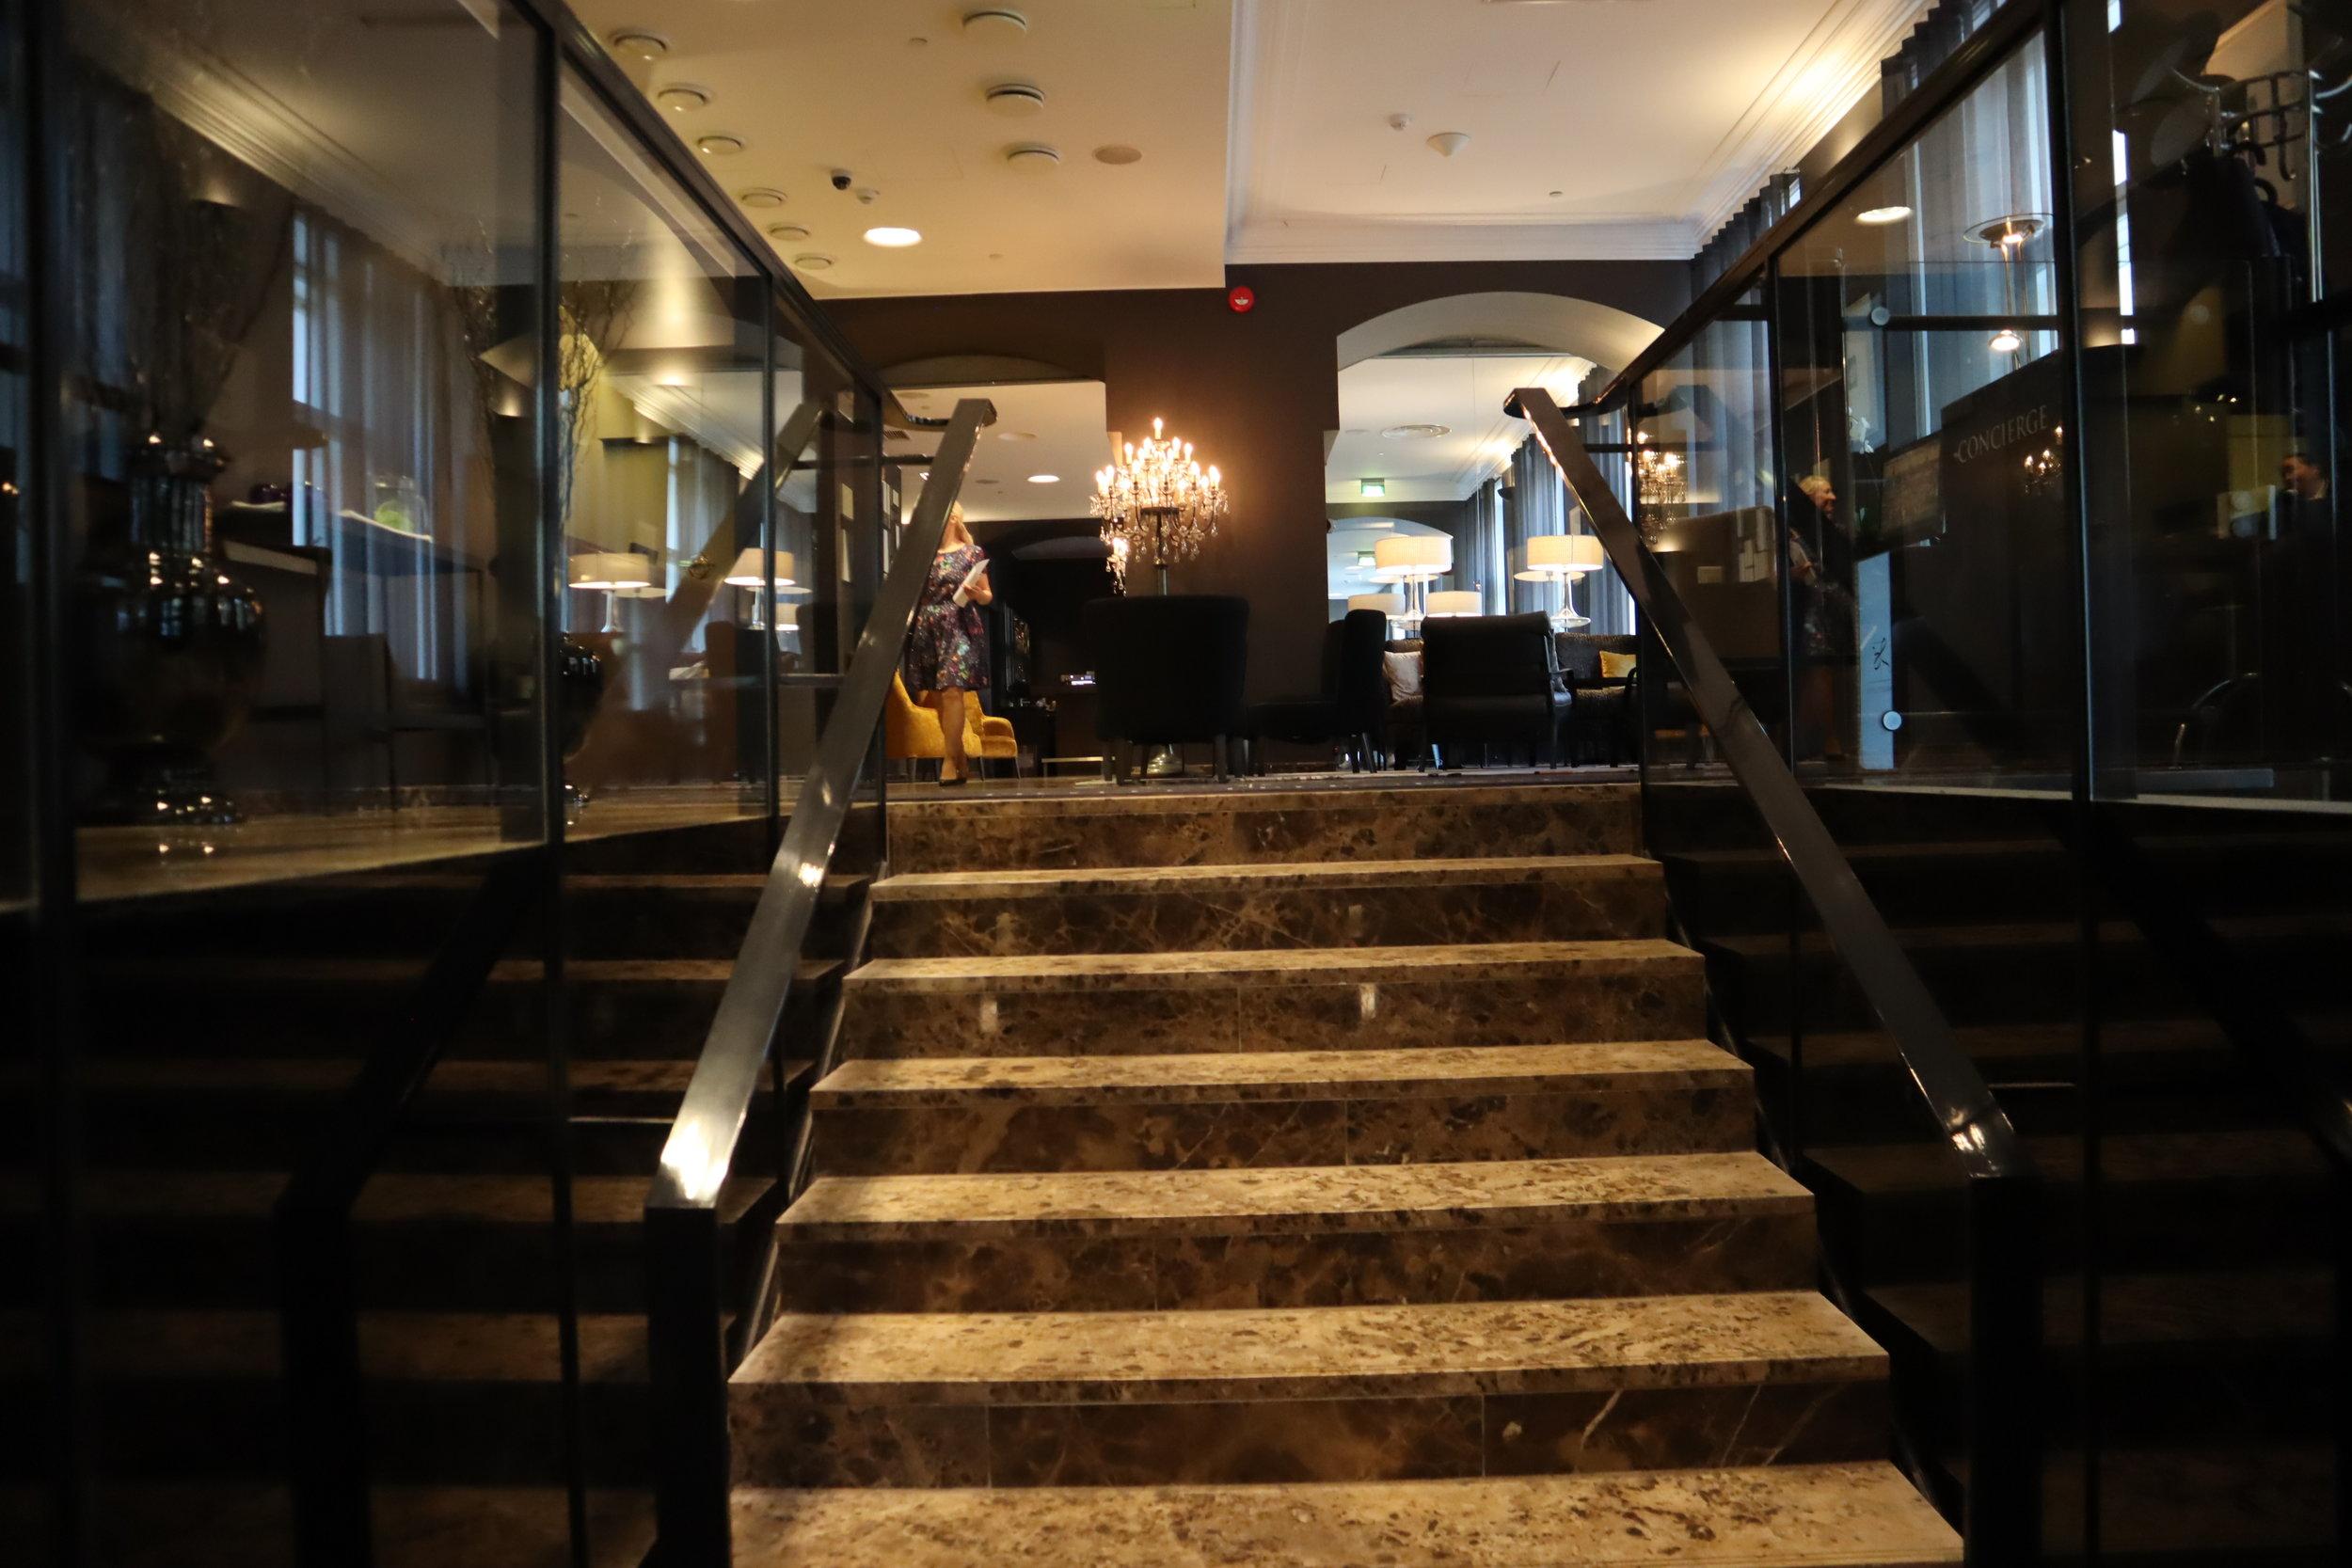 Hotel Telegraaf Tallinn – Entrance stairway